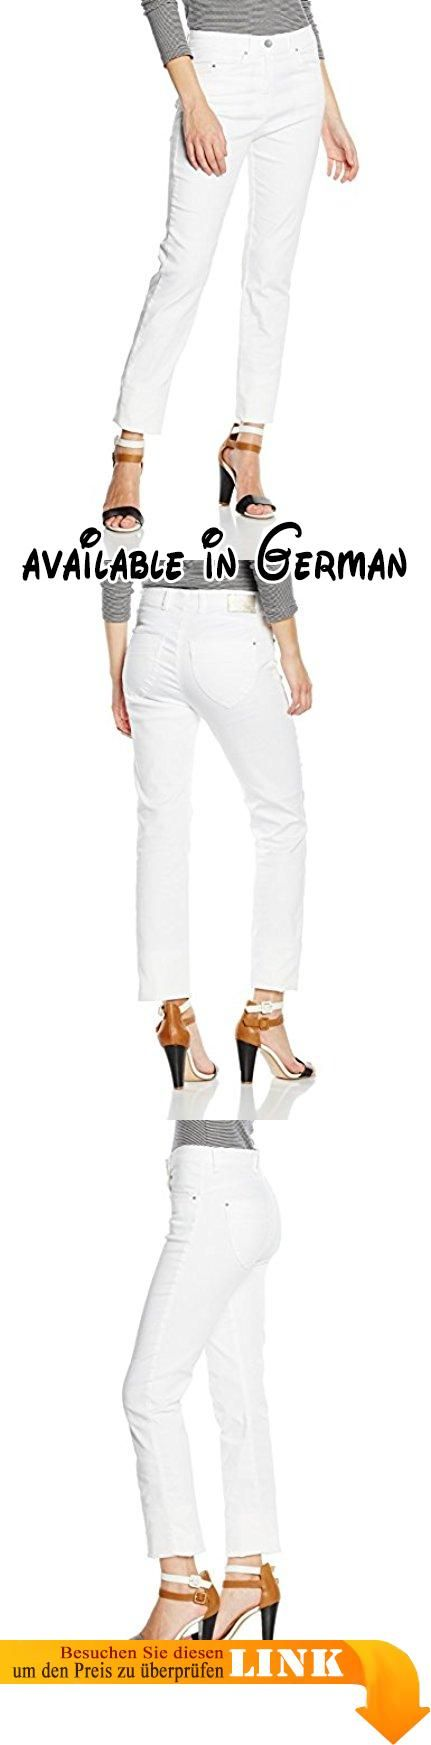 """Raphaela by Brax Damen Skinny Jeanshose 14-6208 Lea (Super Slim), Gr. W29/L32 (Herstellergröße: 38), Weiß (WHITE 99). Zauberjeans: Schlanke Five-Pocket-Jeans in hochelastischer Qualität. Zauberjeans. Diese Five-Pocket-Jeans kann mehr als eine herkömmliche Damenjeans. Das Motto """"Zauberjeans"""" beschreibt alle innovativen Lösungen, die mit einer tollen Silhouette und perfekter Dehnbarkeit überraschen. Durch dynamische Bundlösungen und ausgefeilte Schnitttechniken können"""